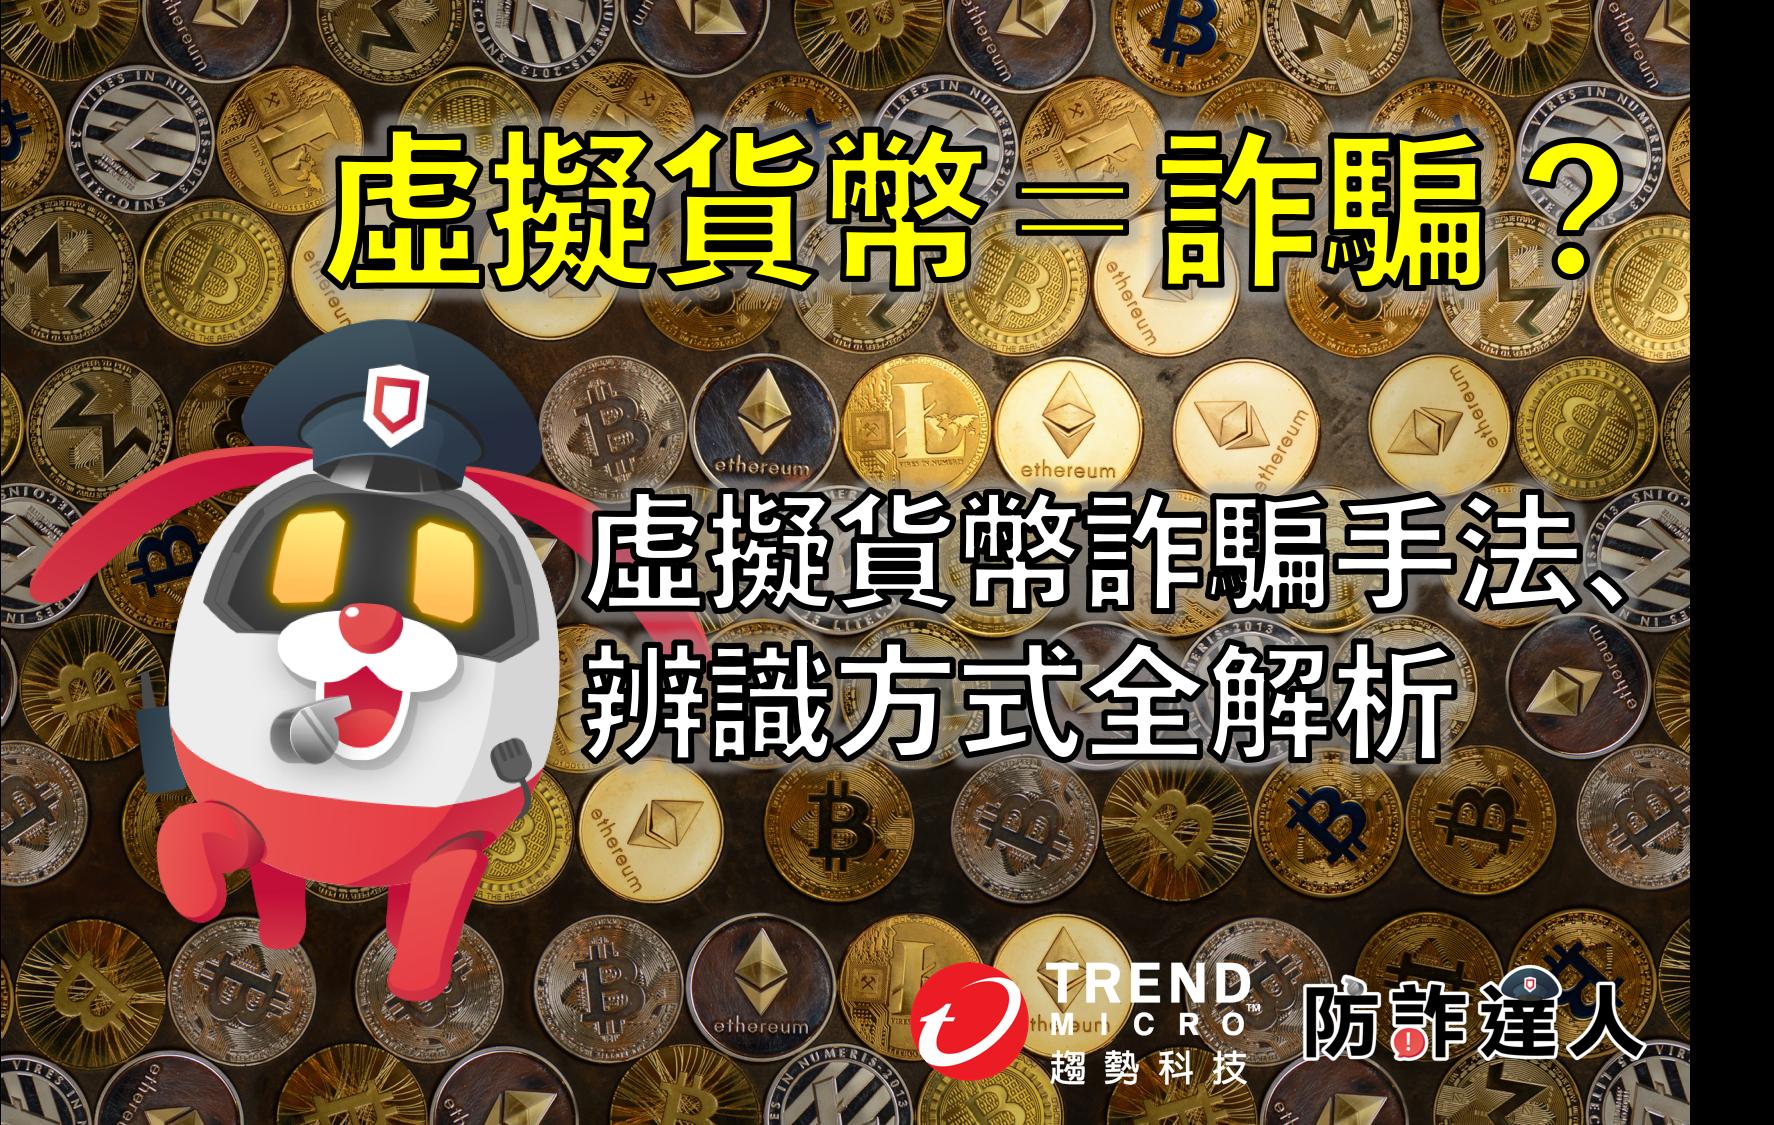 虛擬貨幣就是詐騙嗎?